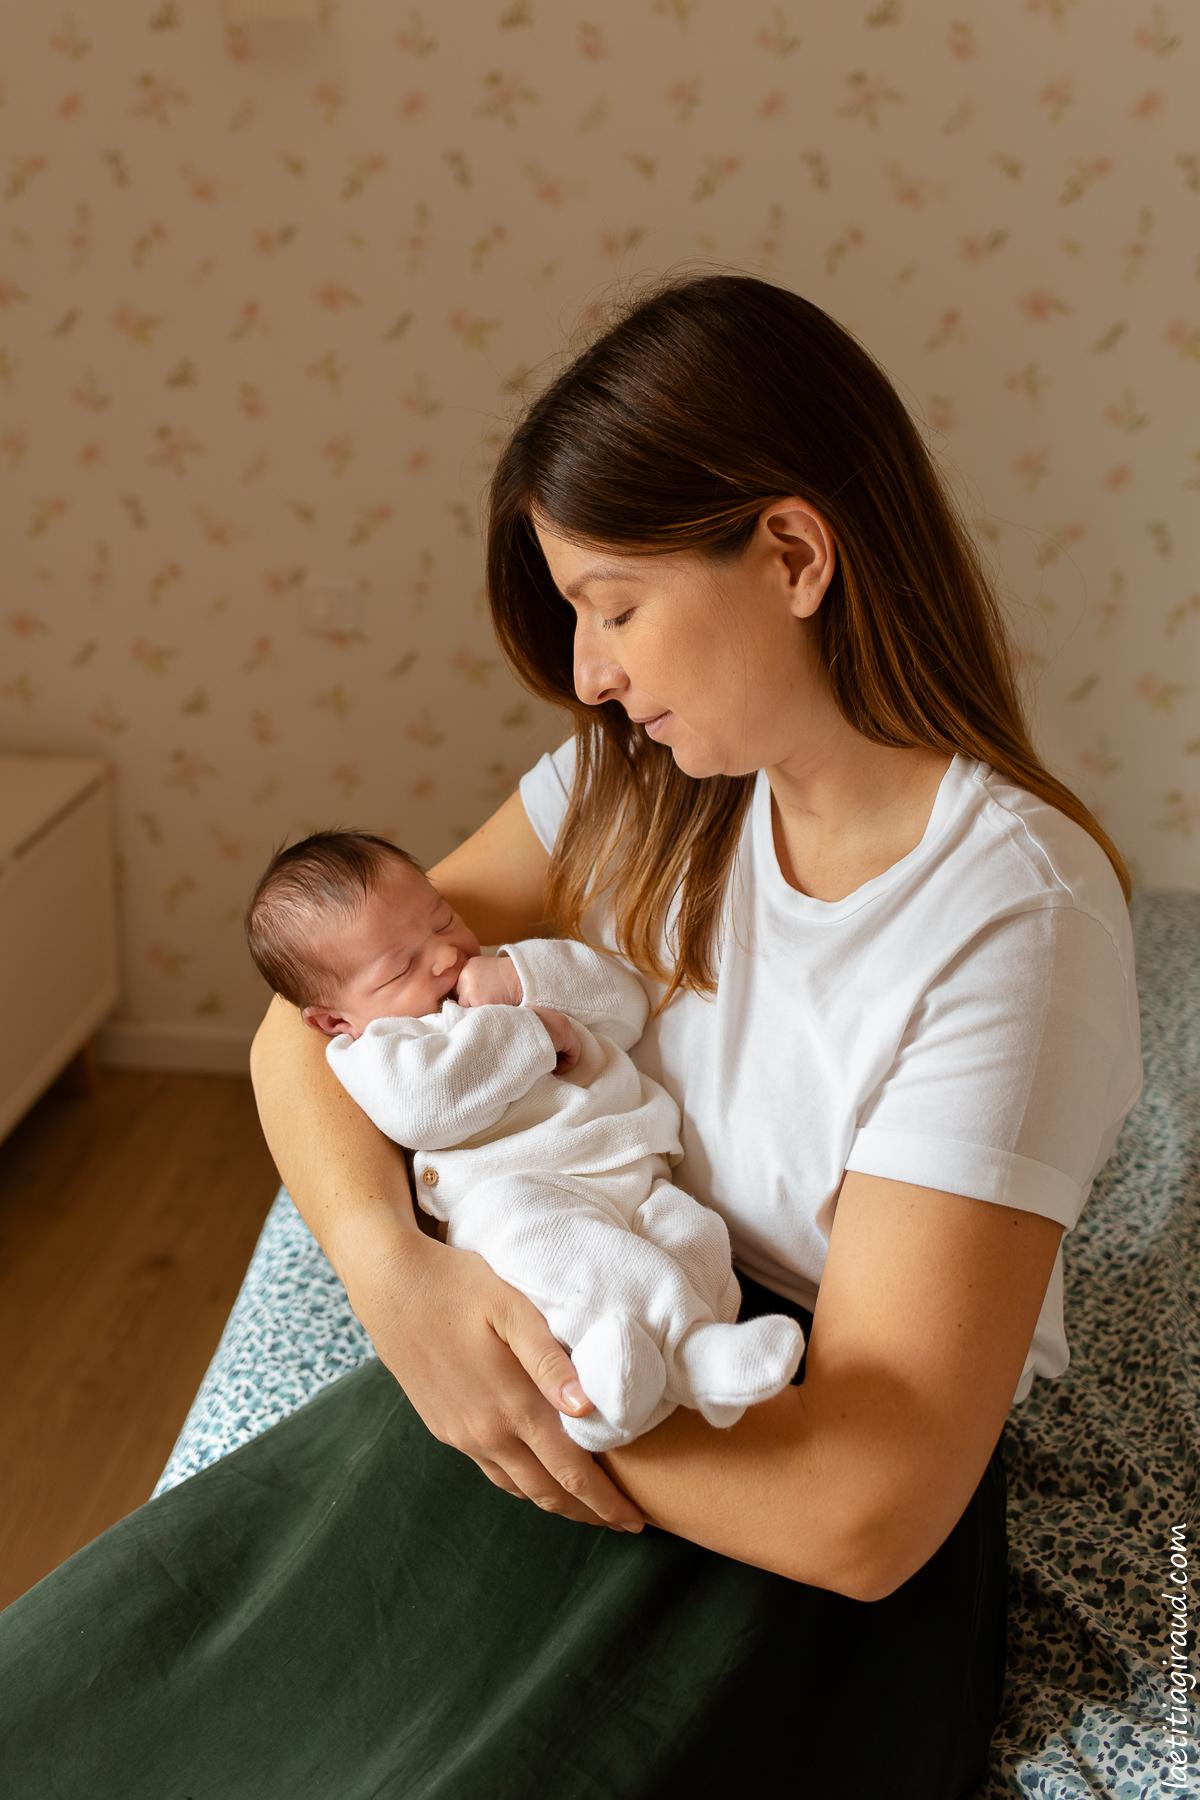 maman qui regarde son nouveau né avec amour